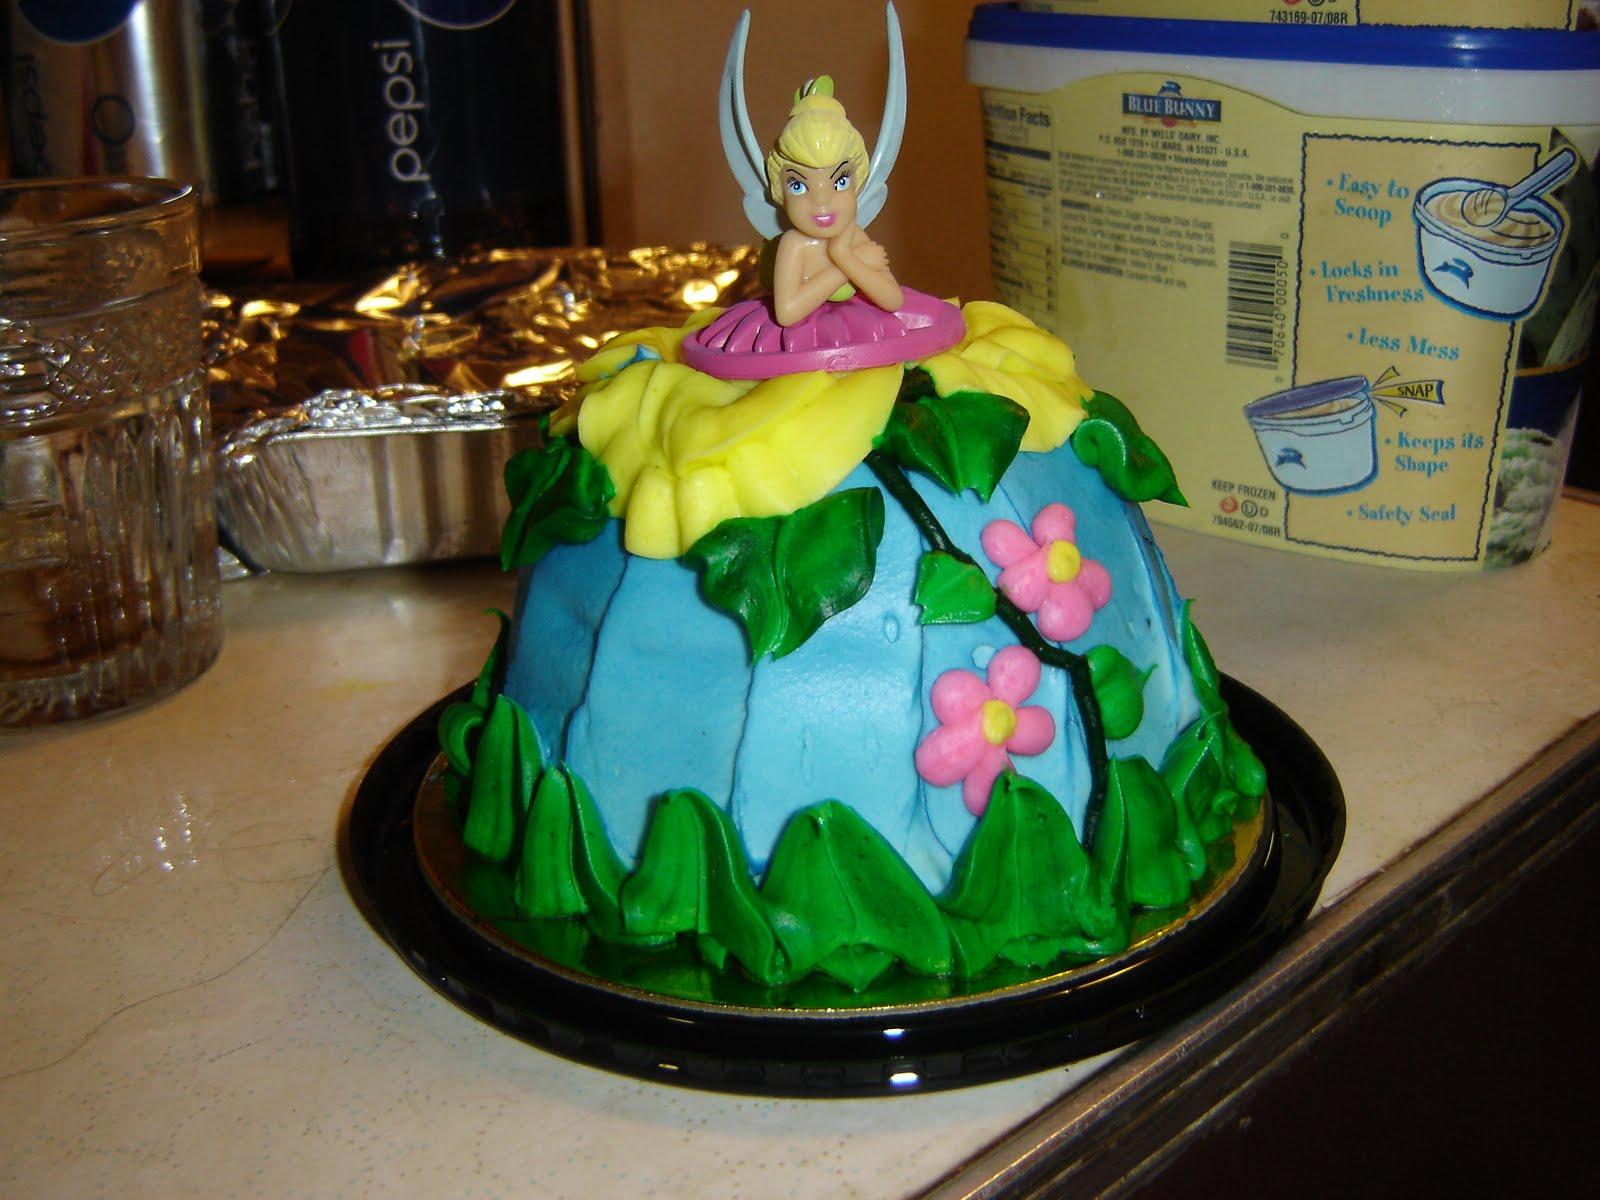 How Much Is Safeway Birthday Cake